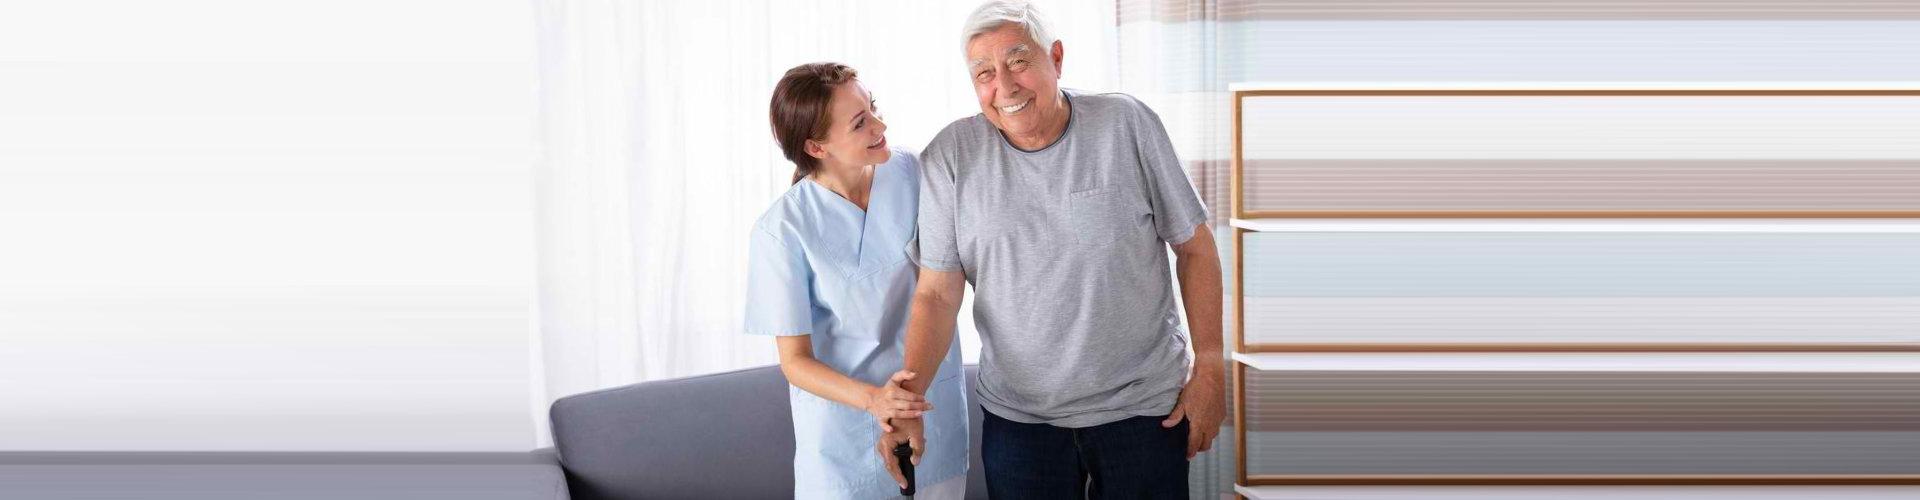 caregiver guiding a man to walk